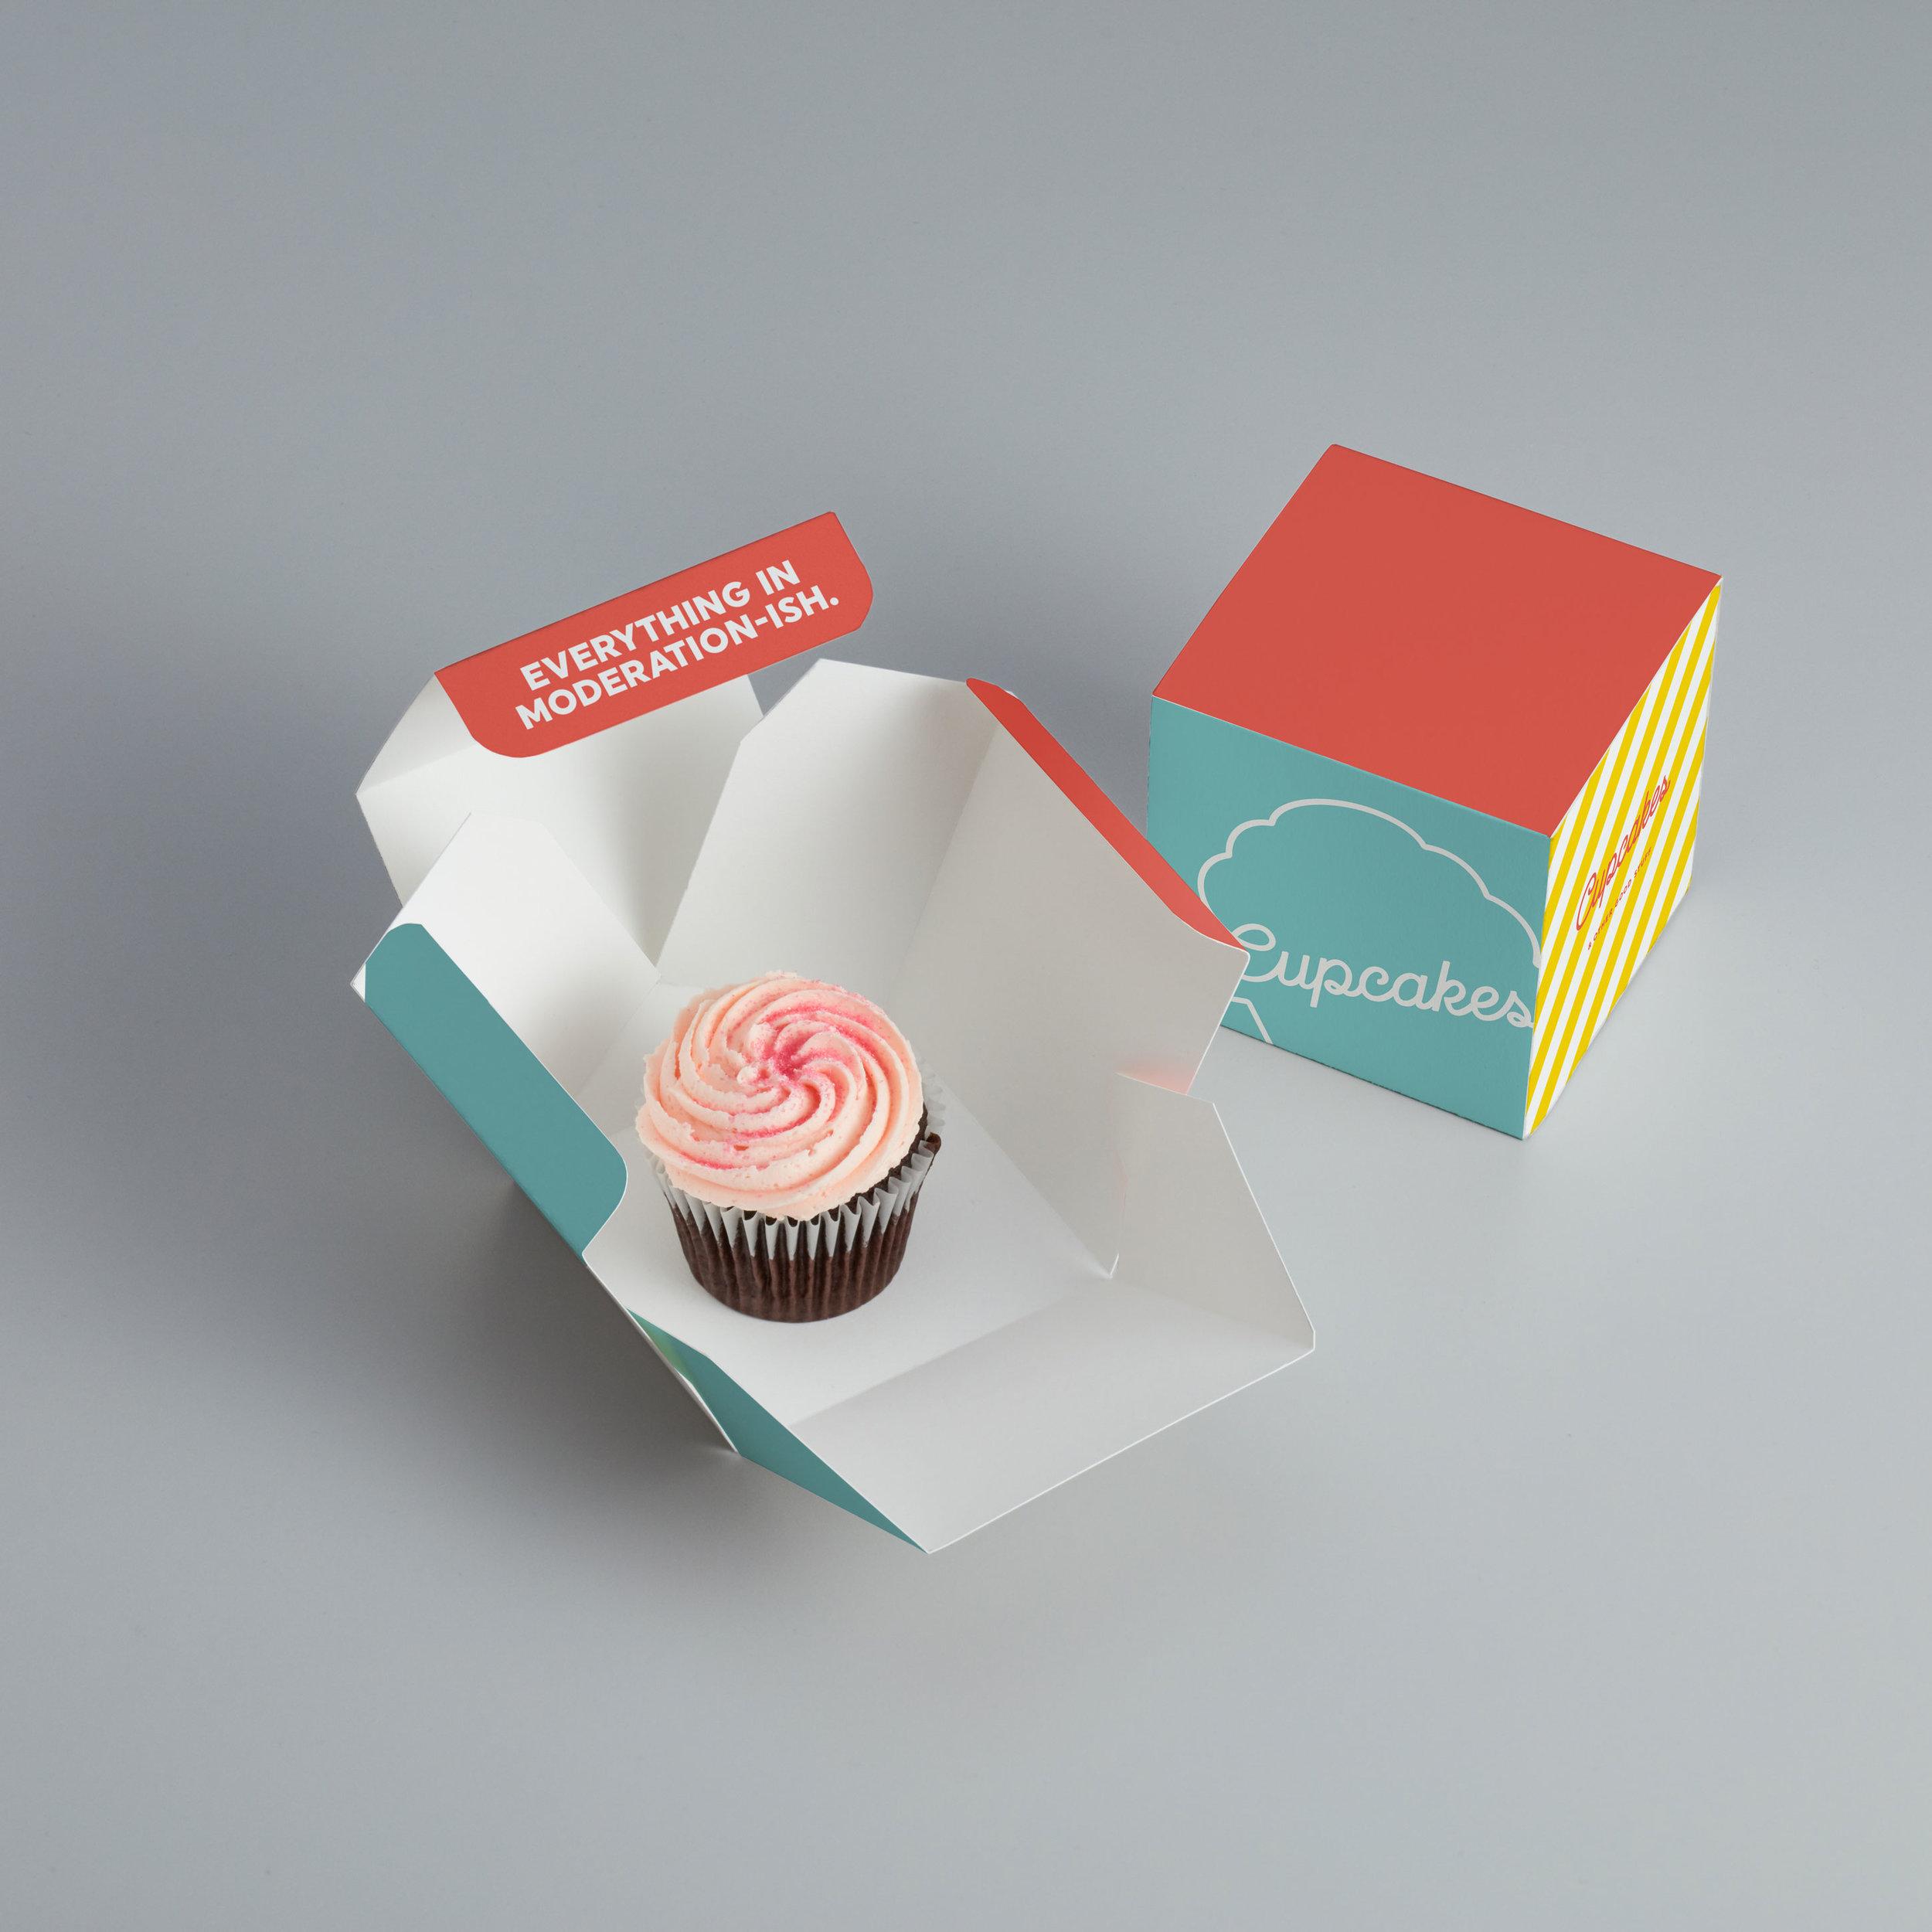 Cupcakes-Packaging-Single-Large.jpg